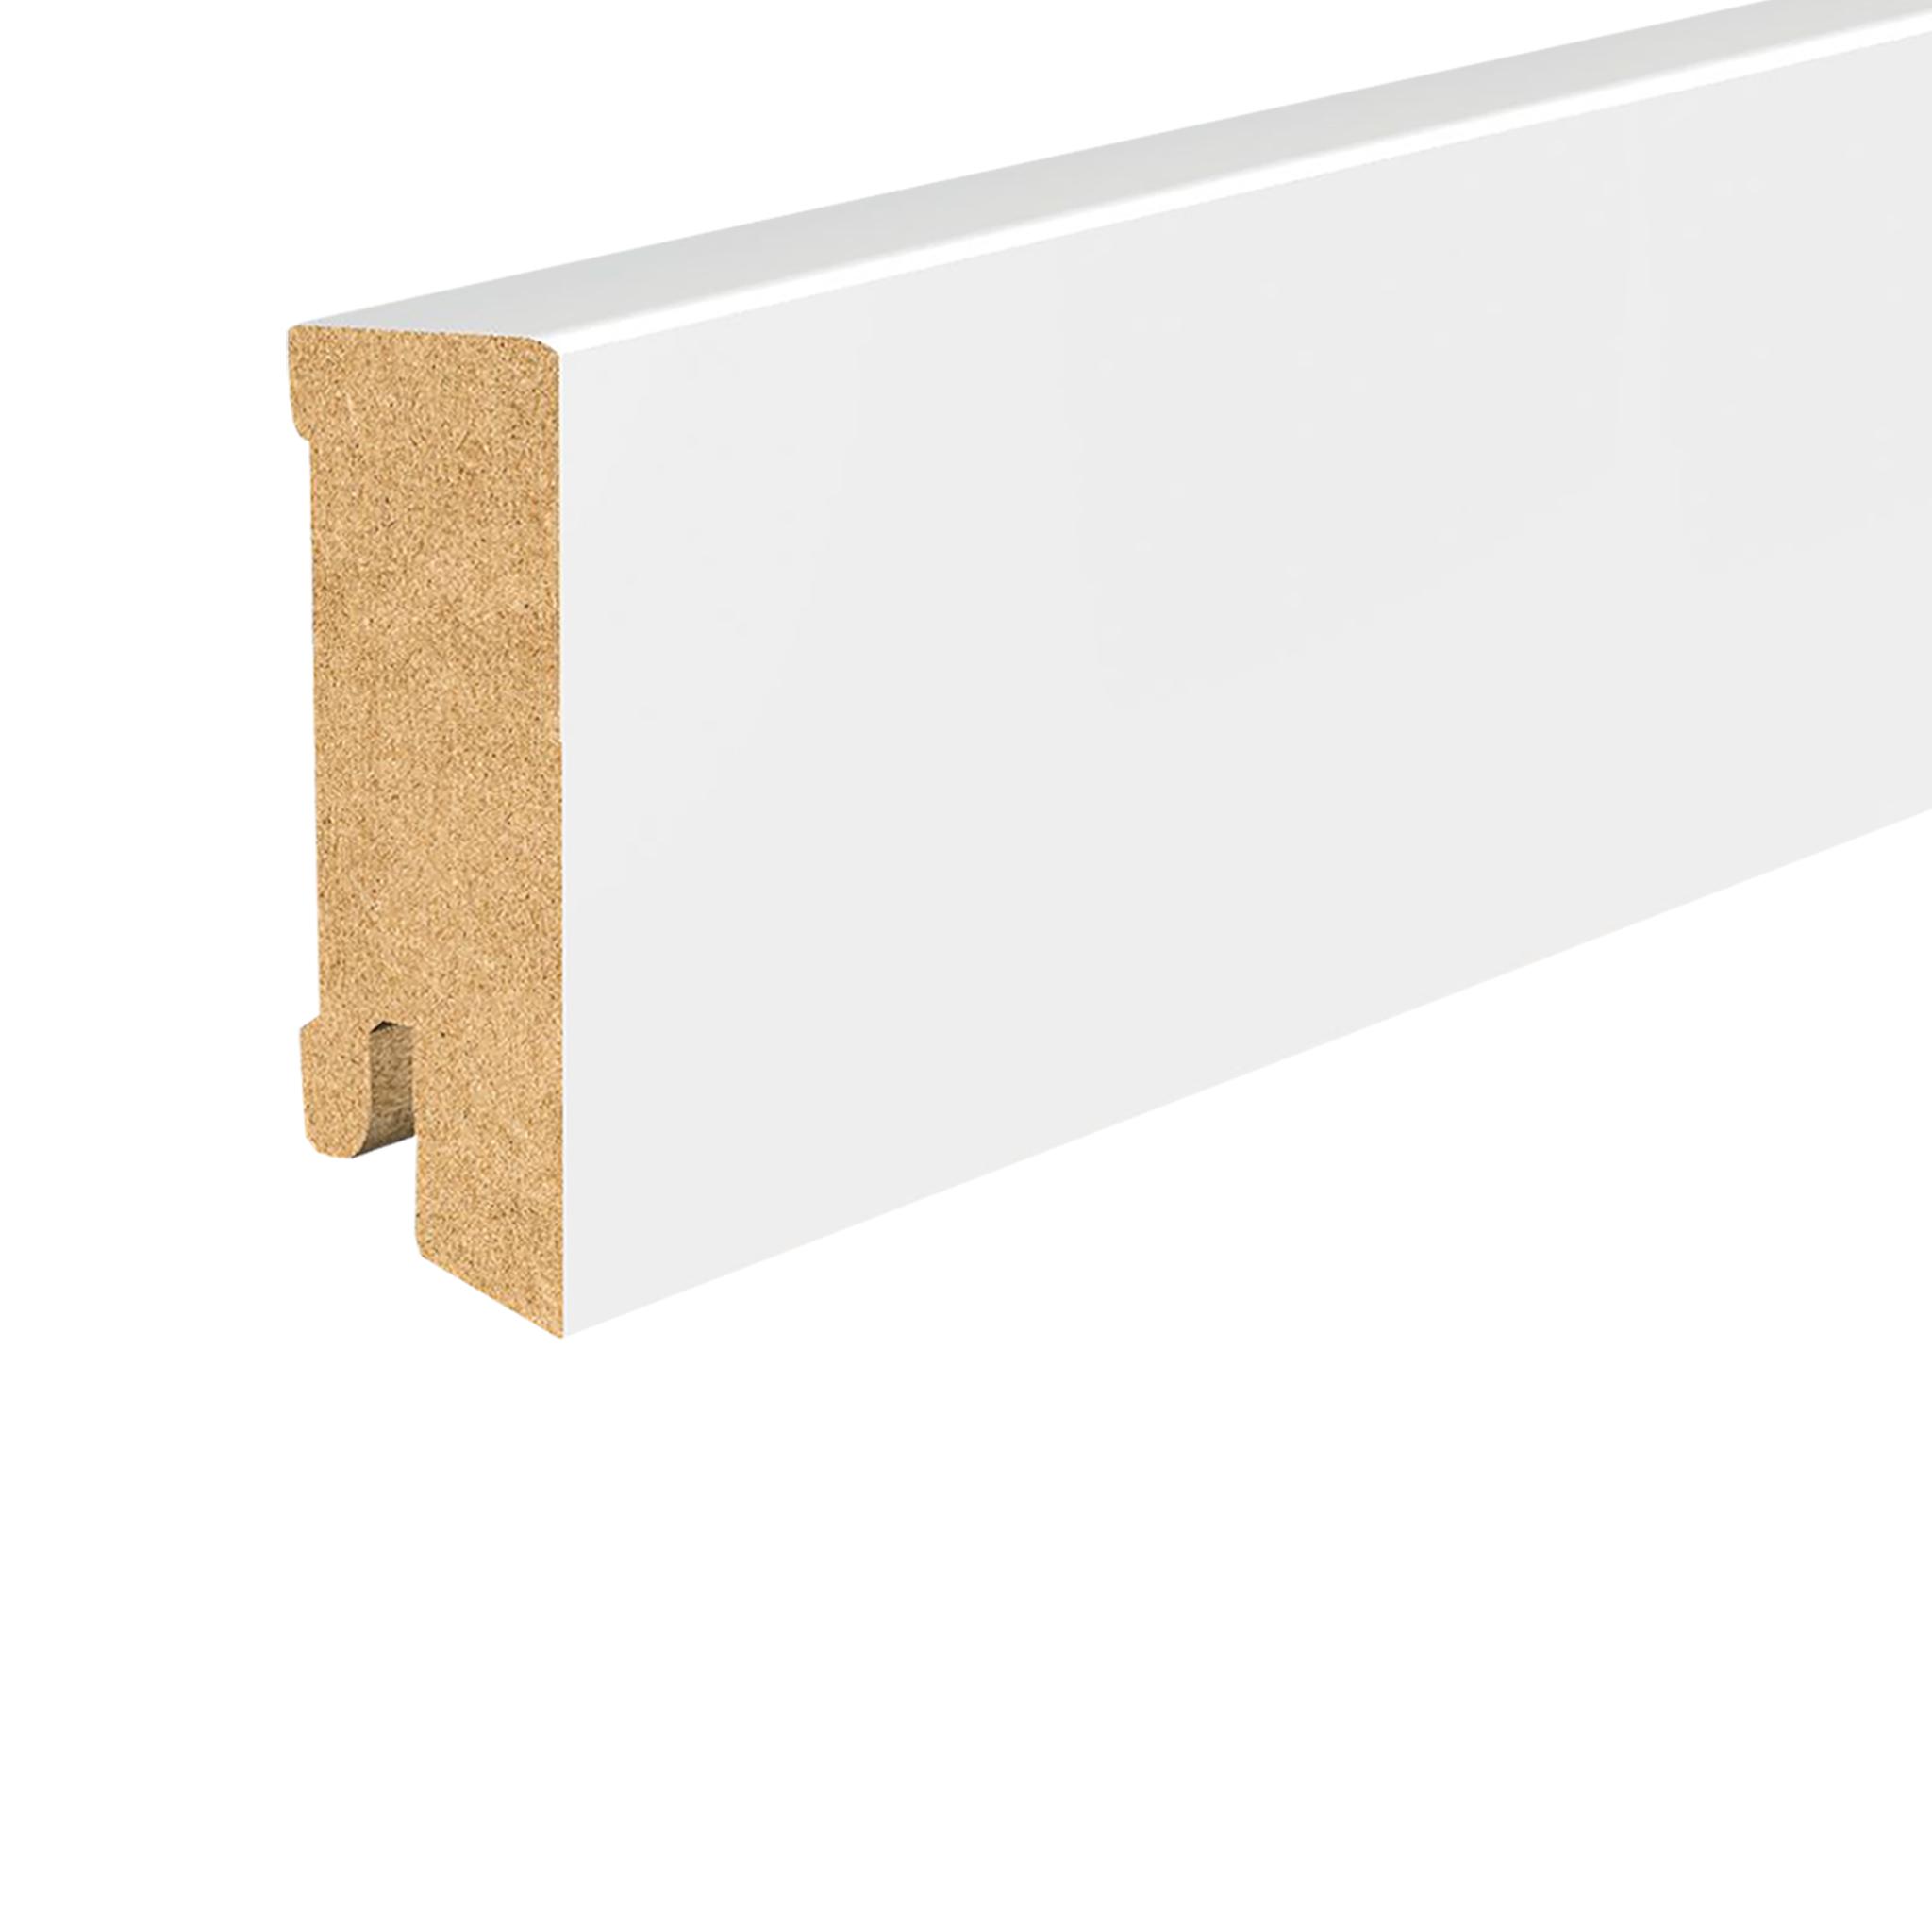 Sockelleiste MDF 630 Cube weiß lack.